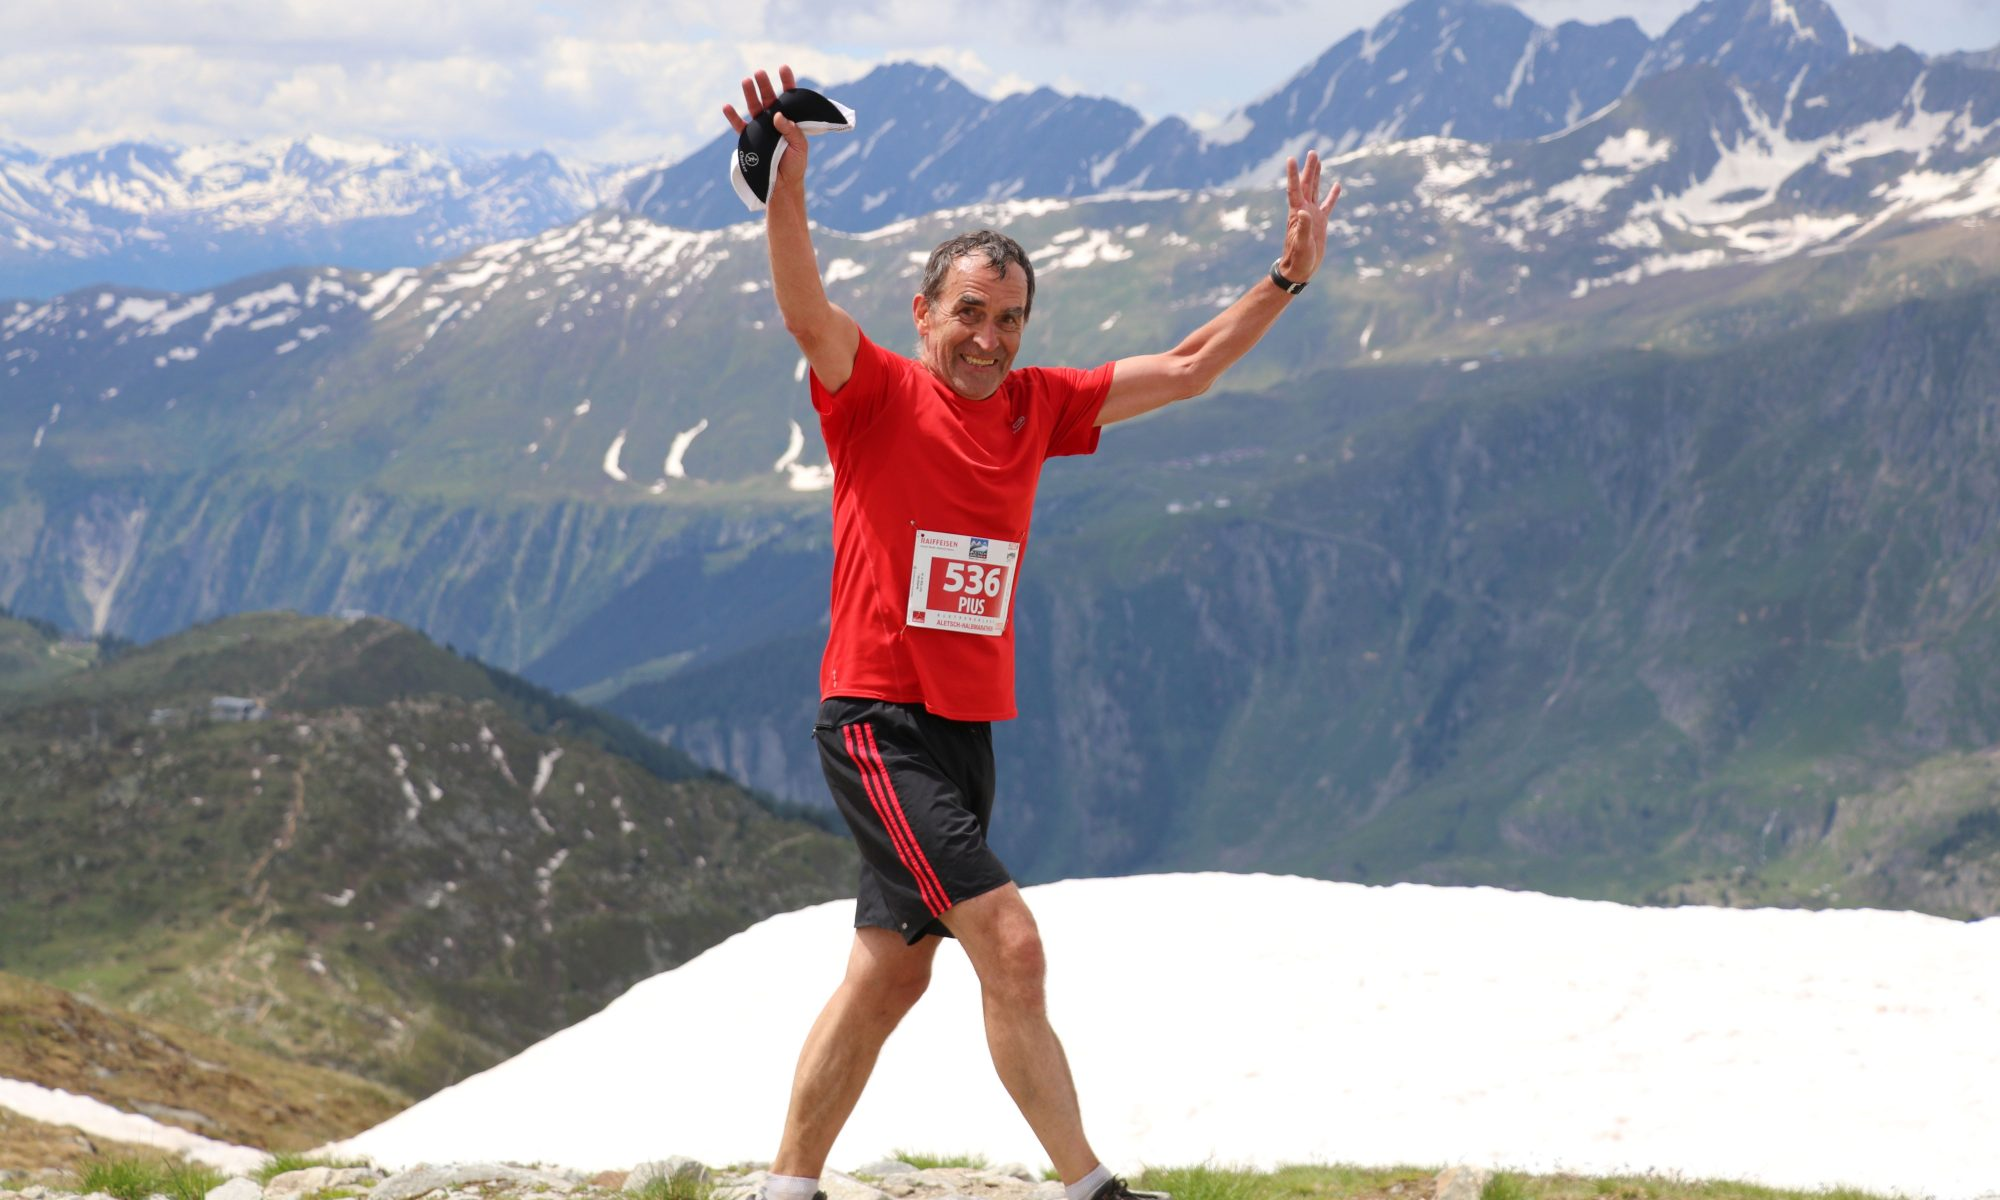 Aletsch-Halbmarathon 2018, Bettmeralp